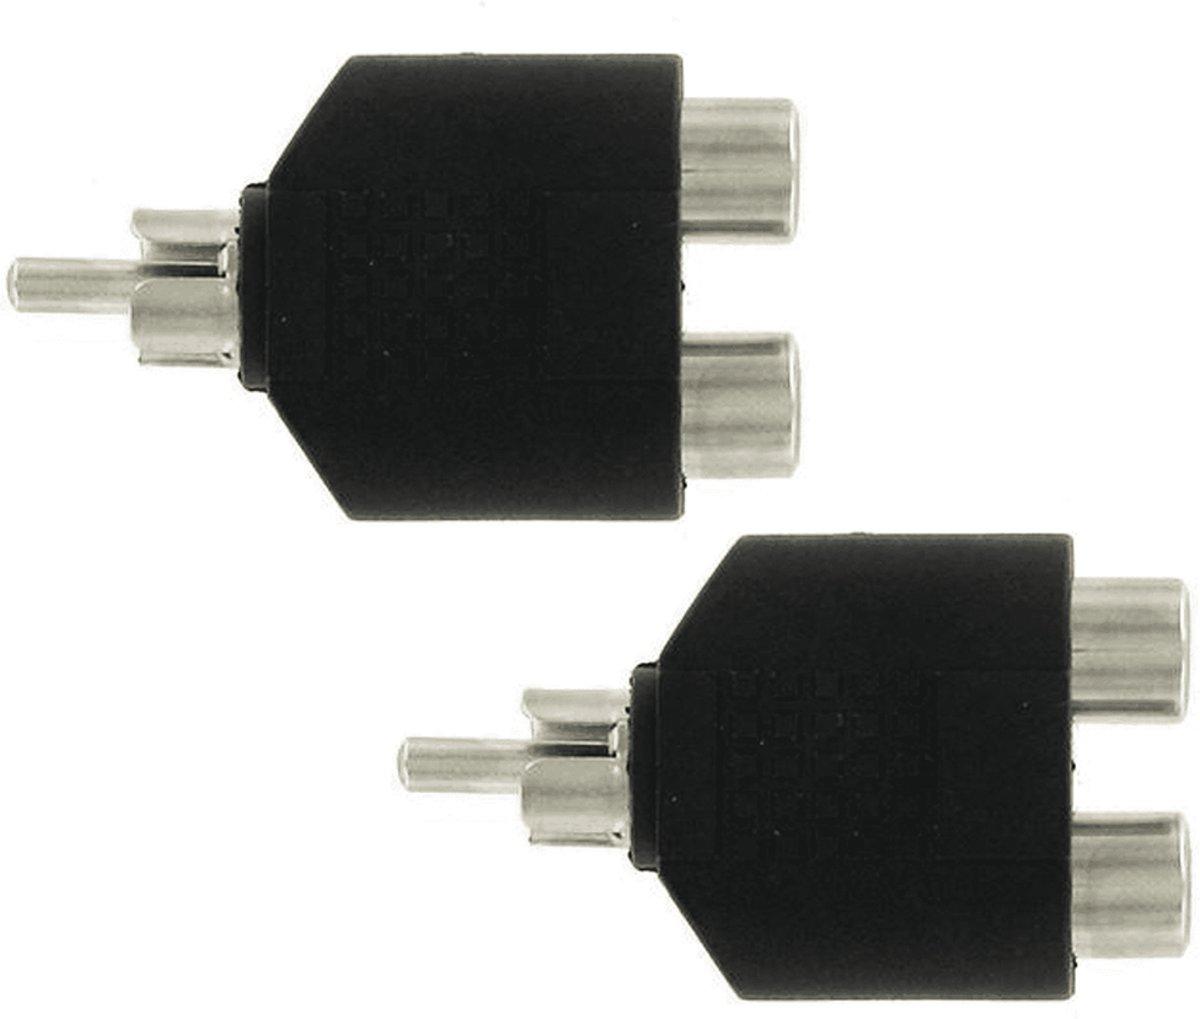 KOPP tulpsplitser cinch splitter set van 2 stuks | ZWART kopen